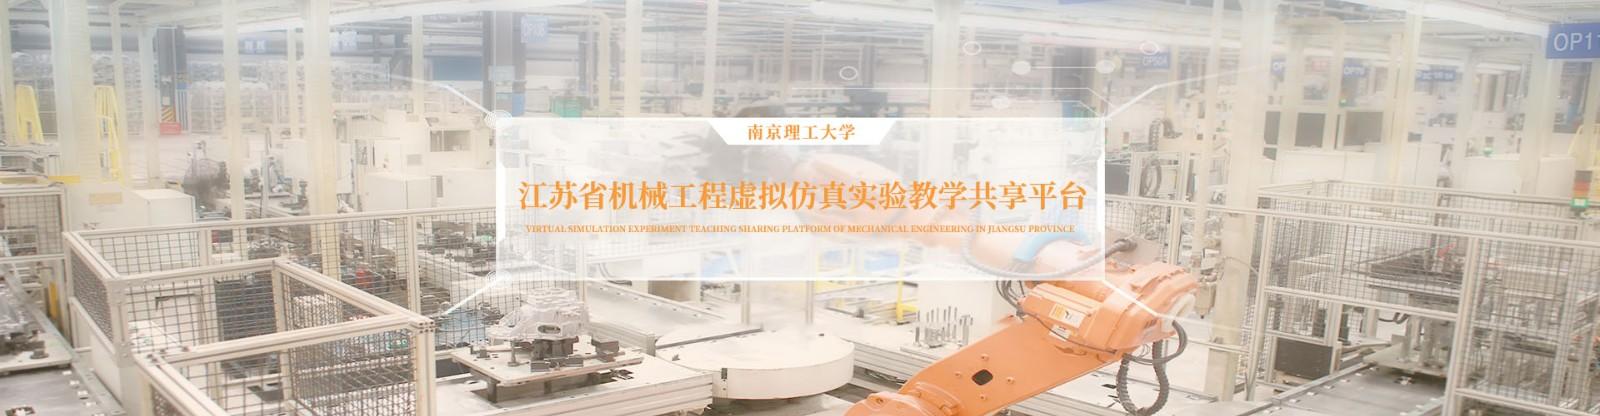 江苏省机械工程虚拟仿真实验教学共享平台